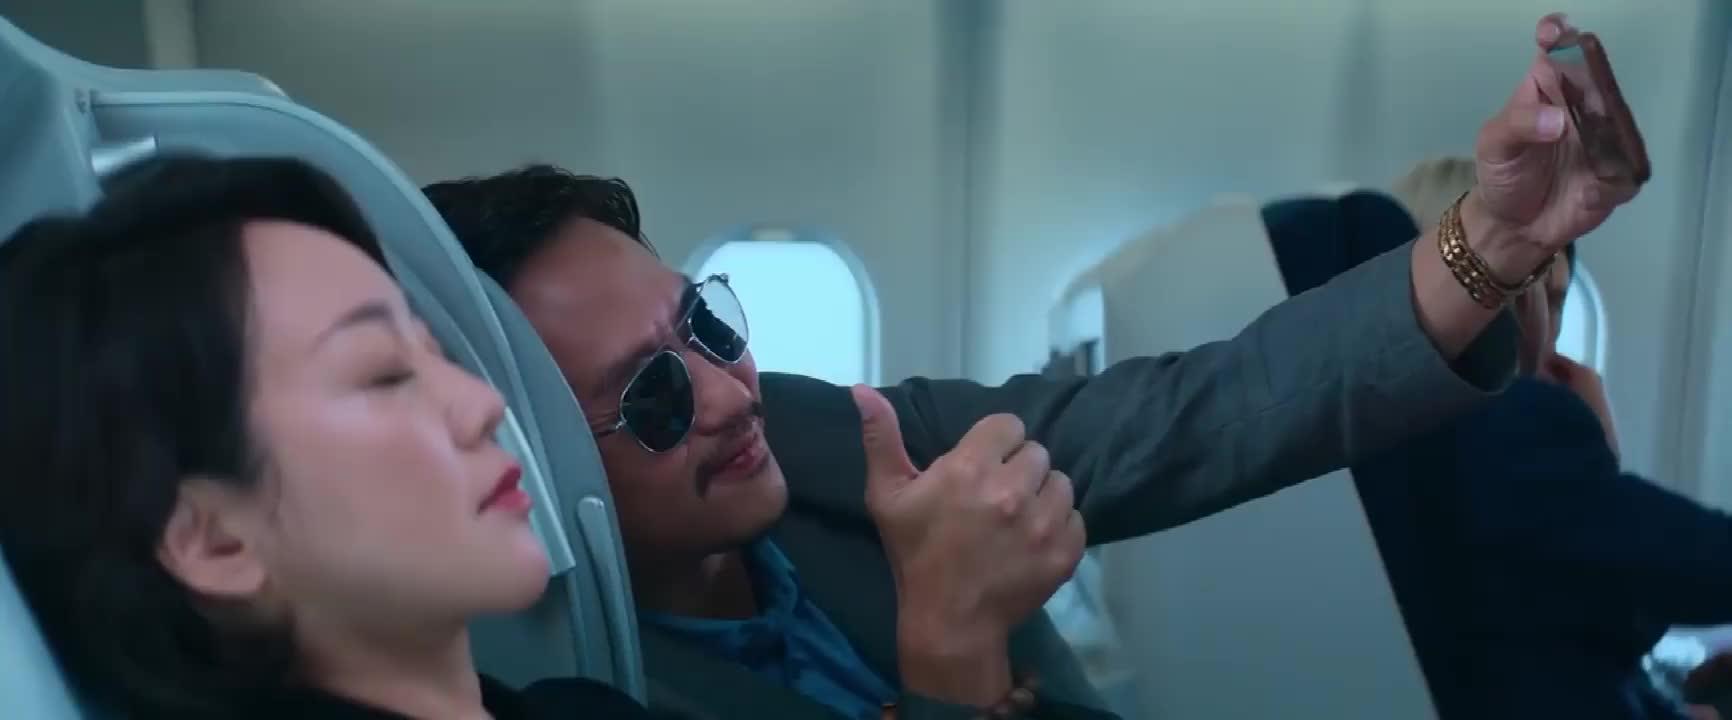 邓超飞机上偷拍闫妮,却被孙俪抓了个正着,是娘娘不够好看吗?